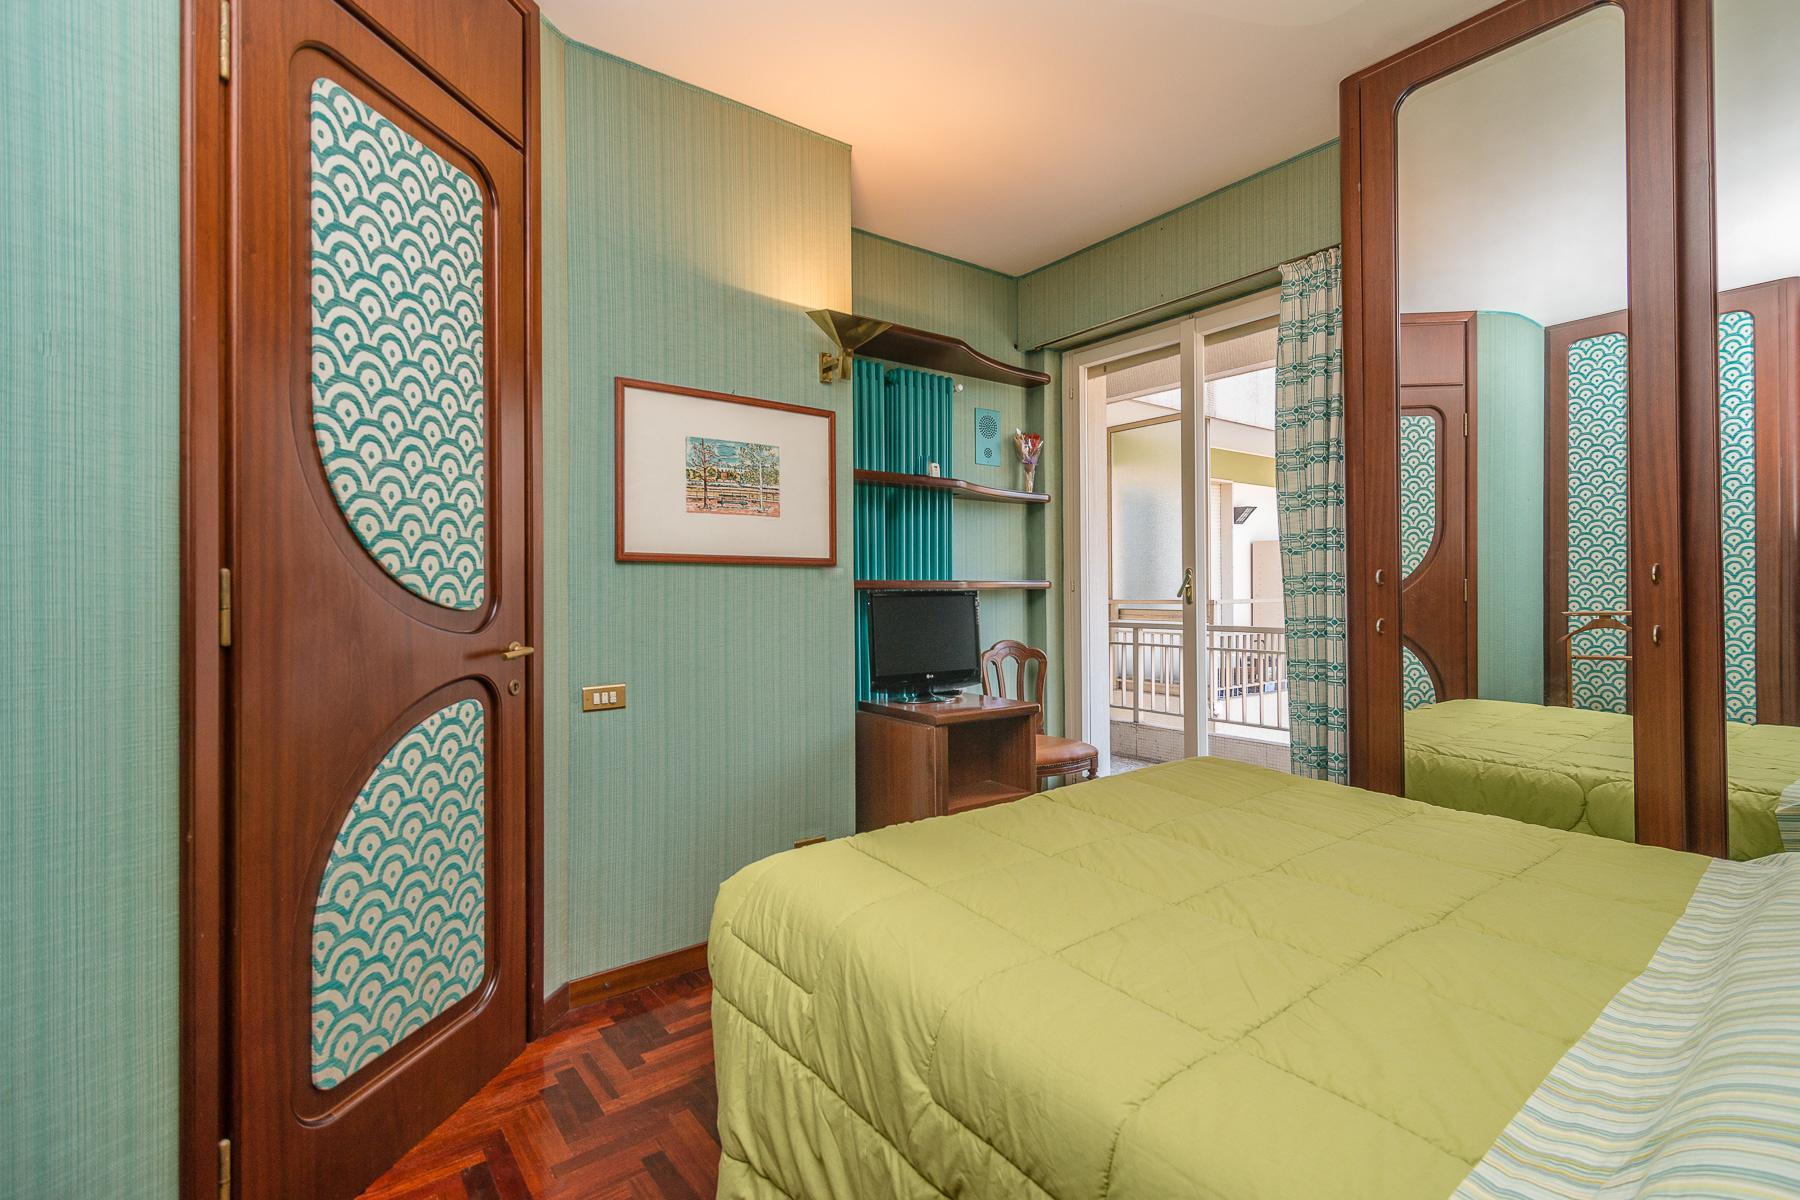 Appartement panoramique avec terrasse d'environ 80 mq - 16